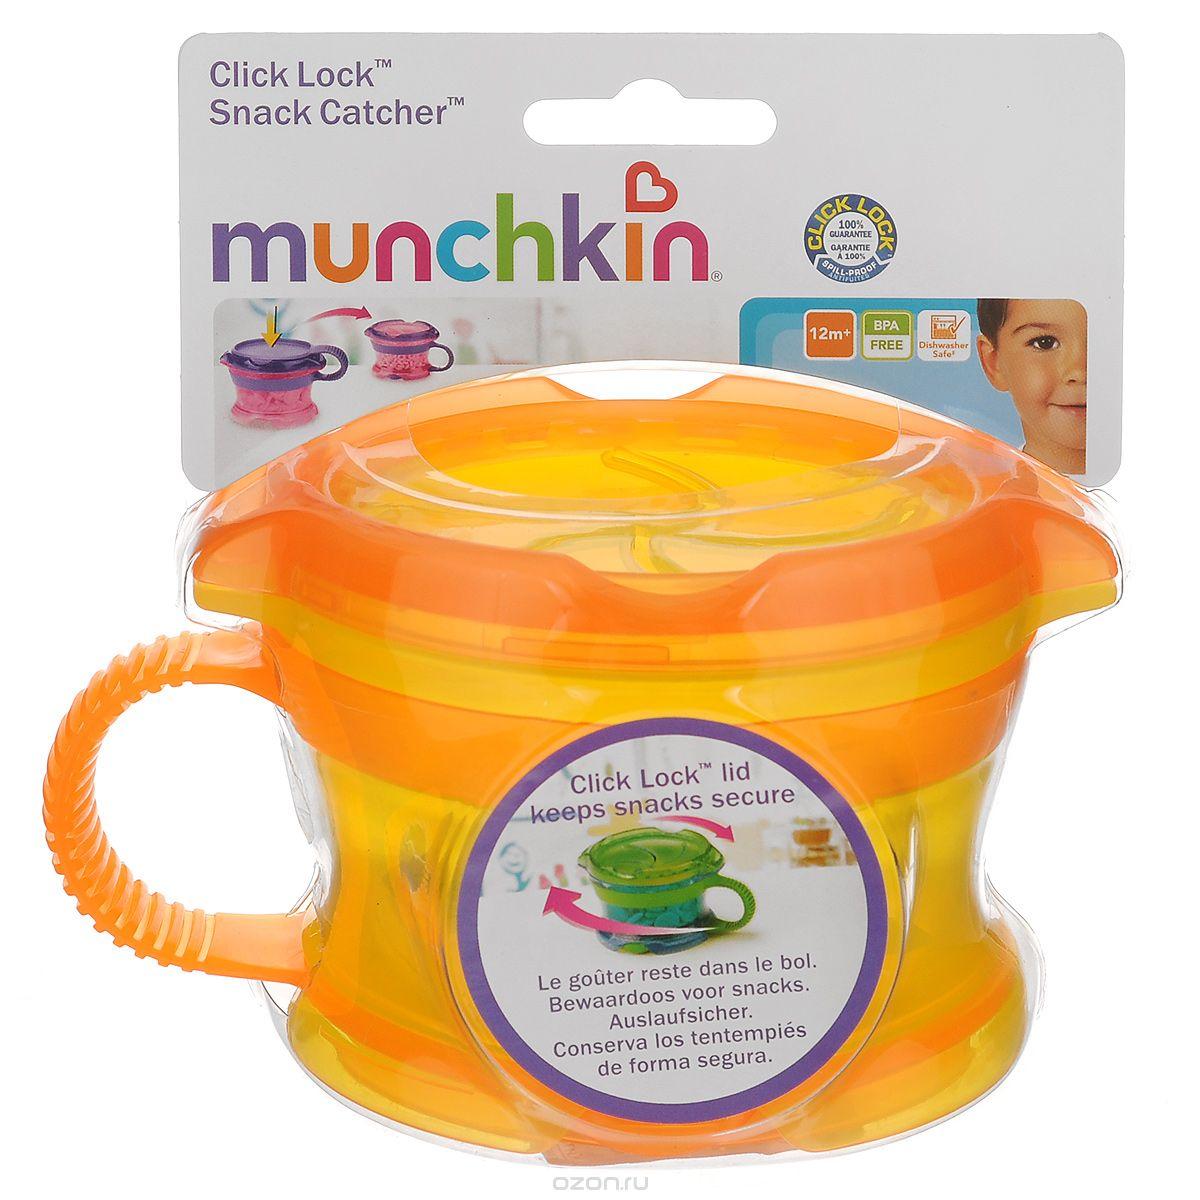 Контейнер Munchkin Поймай печенье, с крышкой Click Lock, цвет: желтый, оранжевыйЕ0002404Контейнер для снеков Munchkin Поймай печенье выполнен из безопасного пластика. Он идеально подходит, если нужно покормить малыша на ходу, чтобы закуска осталась в контейнере, а не на полу, не на сиденье автомобиля или коляски! Мягкие силиконовые лепестки помогают ребенку подкрепиться самостоятельно и при этом предотвращают рассыпание содержимого контейнера. Регулируемая крышка позволит малышу вытащить печенье или другие продукты ровно столько, сколько он сможет положить в рот за один раз, контейнер не откроется, даже если упадет и перевернется. Мягкие закрылки на крышке позволяют достать печенье или кусочки другой еды, минимально испачкав пальцы. Кнопка блокировки не позволит ребенку открыть контейнер. Когда он не используется, его можно закрыть крышкой, которая сохранит продукты свежими. Полностью закрывающая контейнер мягкая крышка убирается и крепится к его дну.